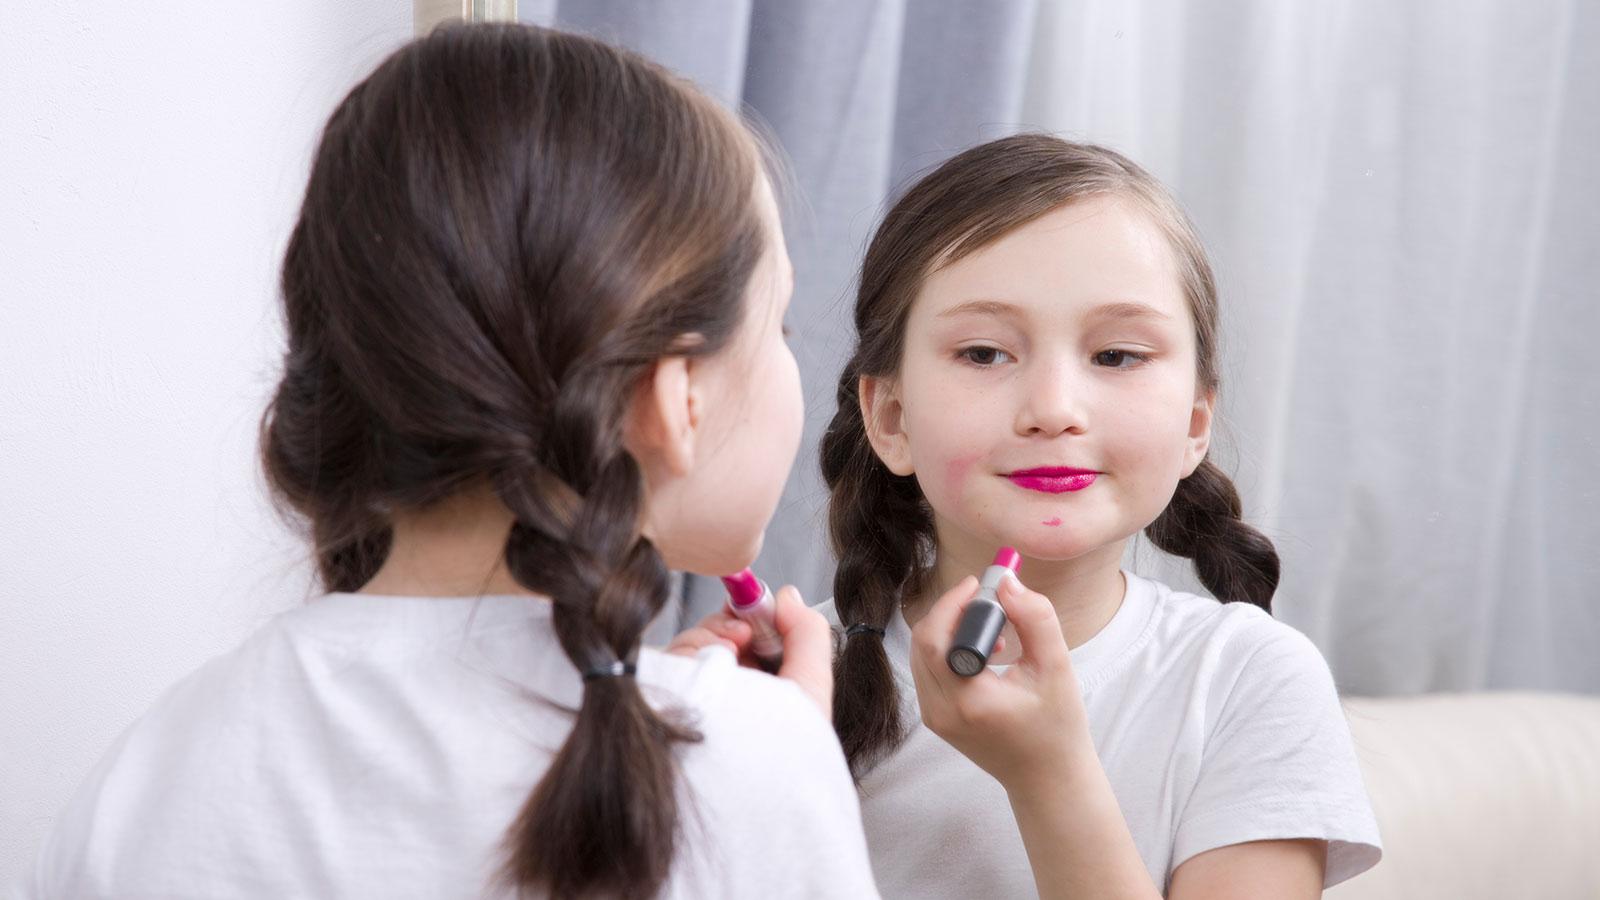 La pubertad precoz: cuando la infancia se acorta